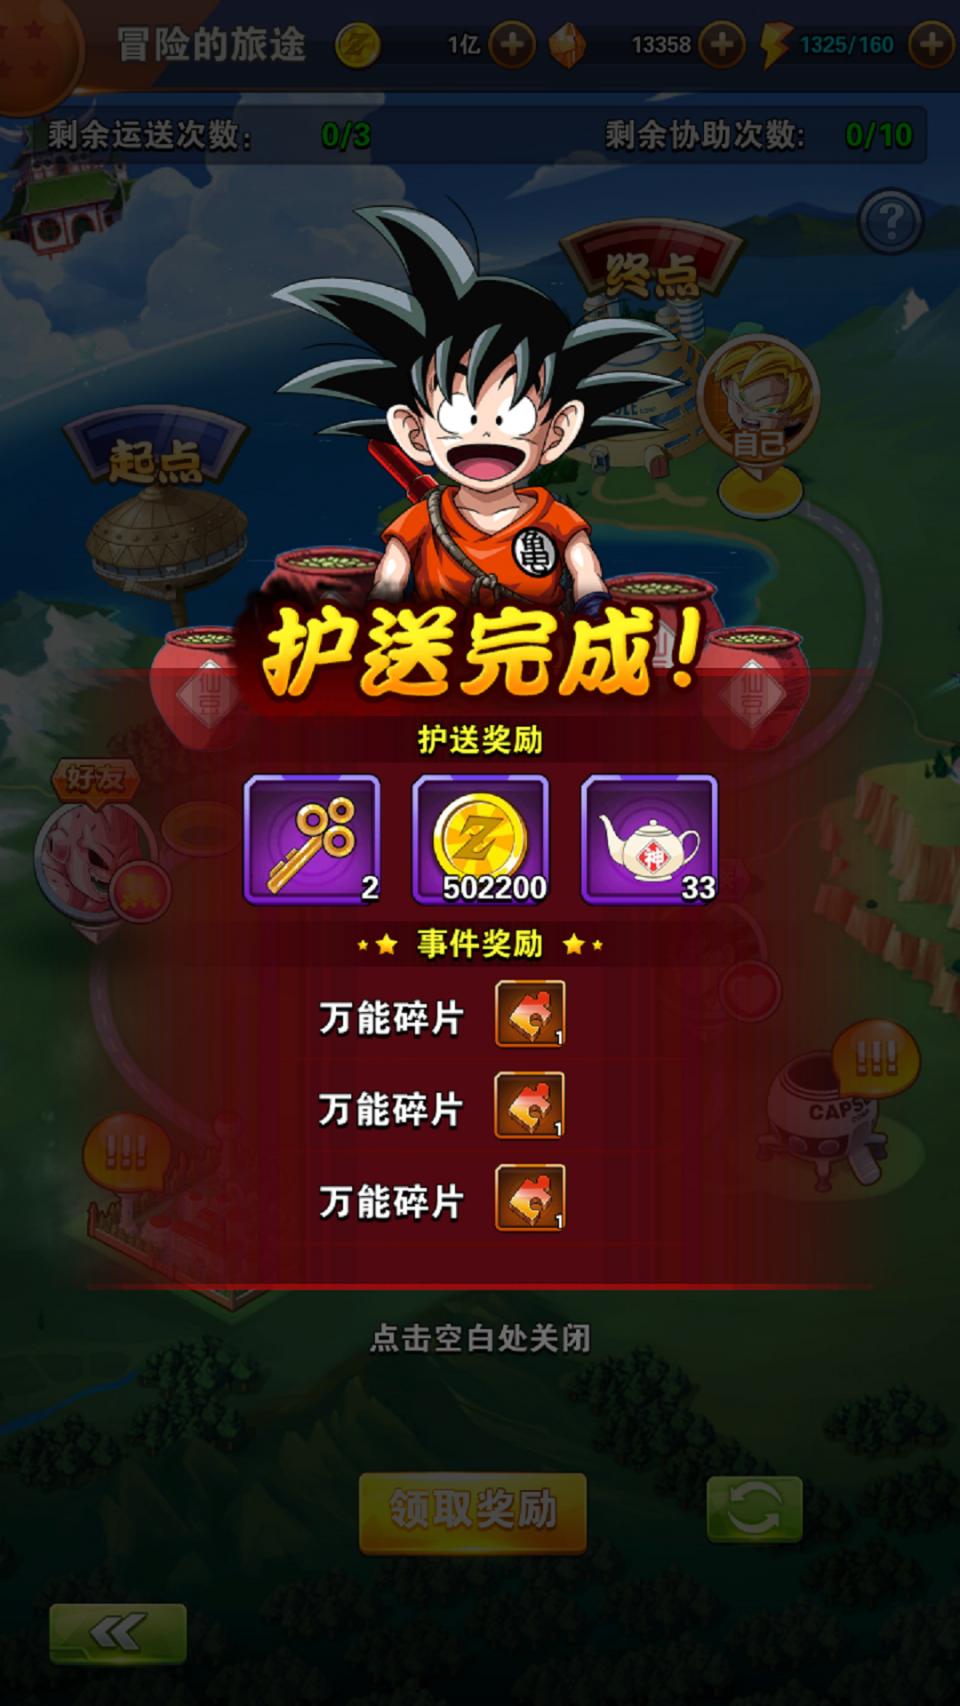 Screenshot_2017-01-22-15-32-23-552_com.tencent.tmgp.dragonball.png